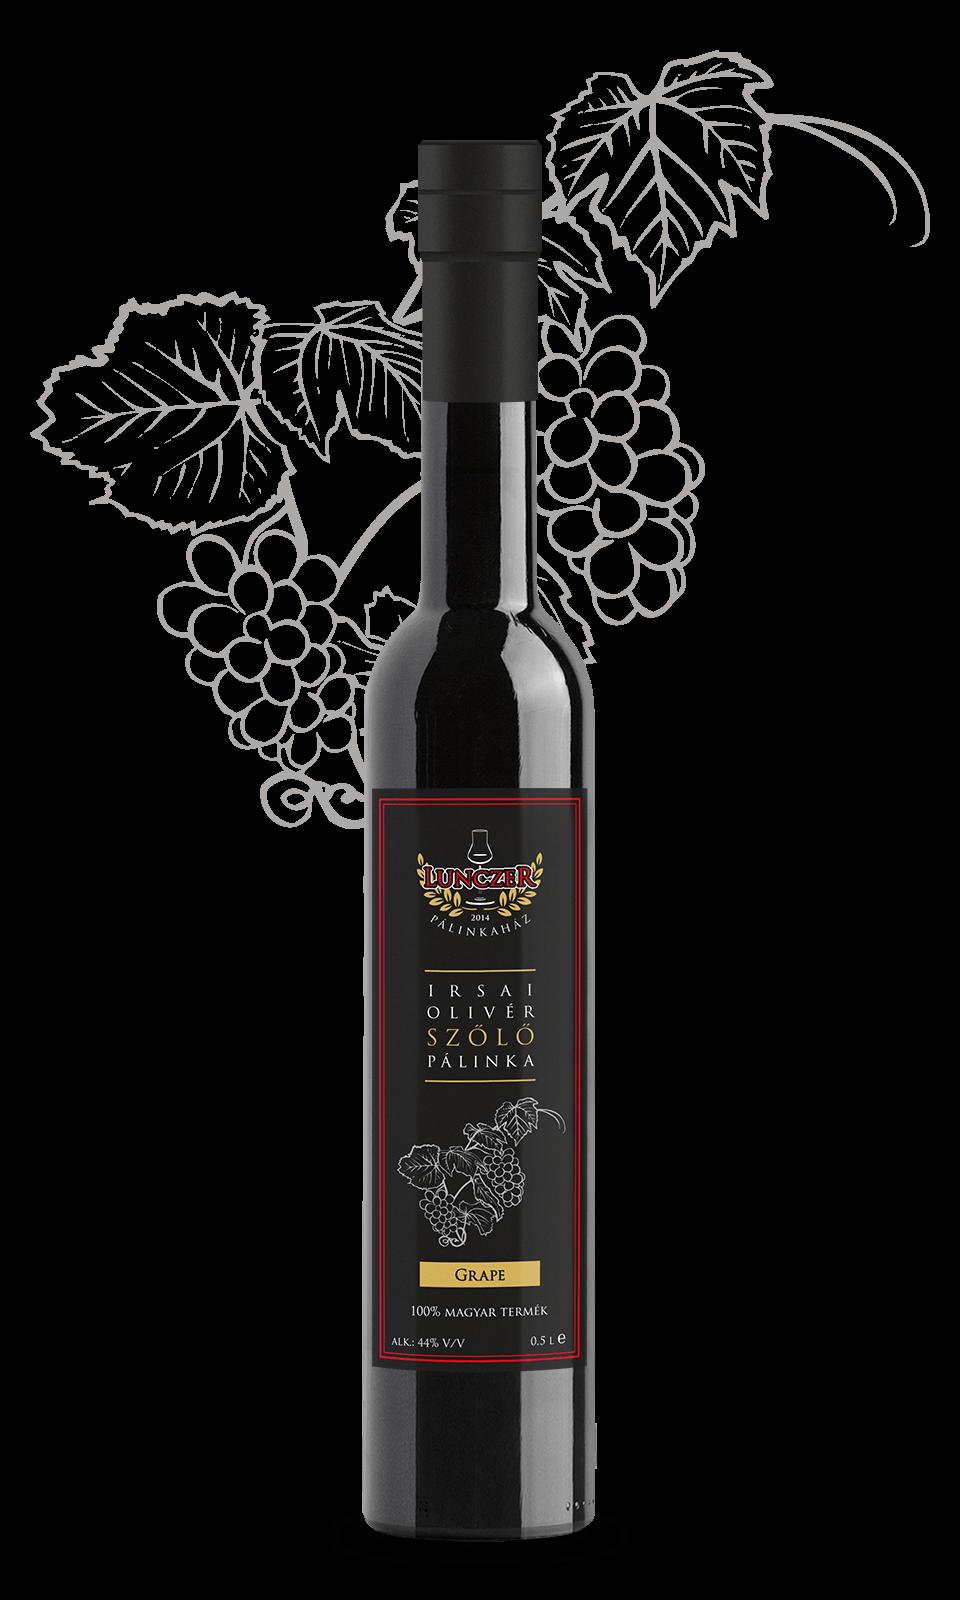 irsai olivér szőlő pálinka